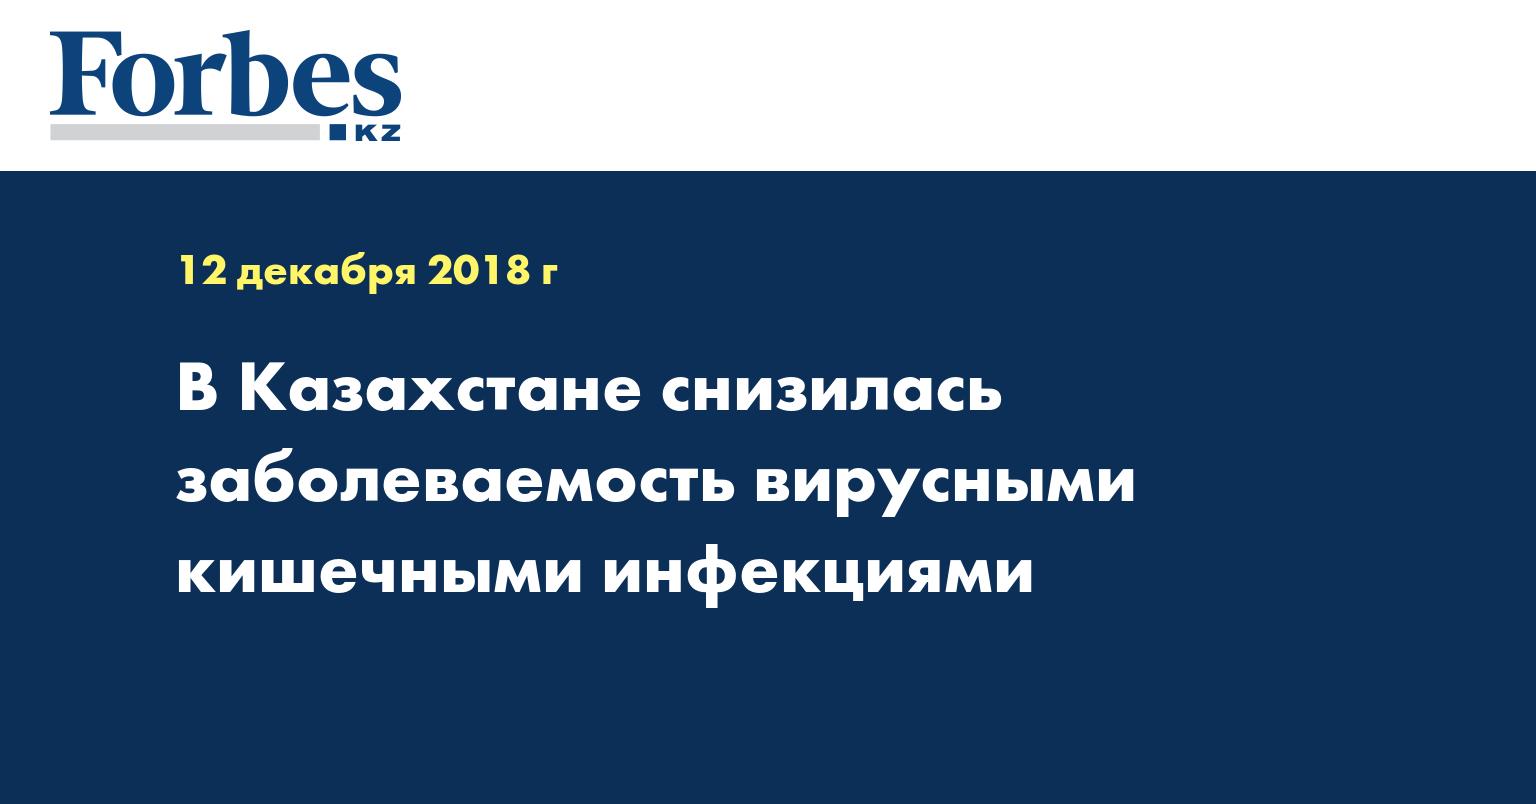 В Казахстане снизилась заболеваемость вирусными кишечными инфекциями